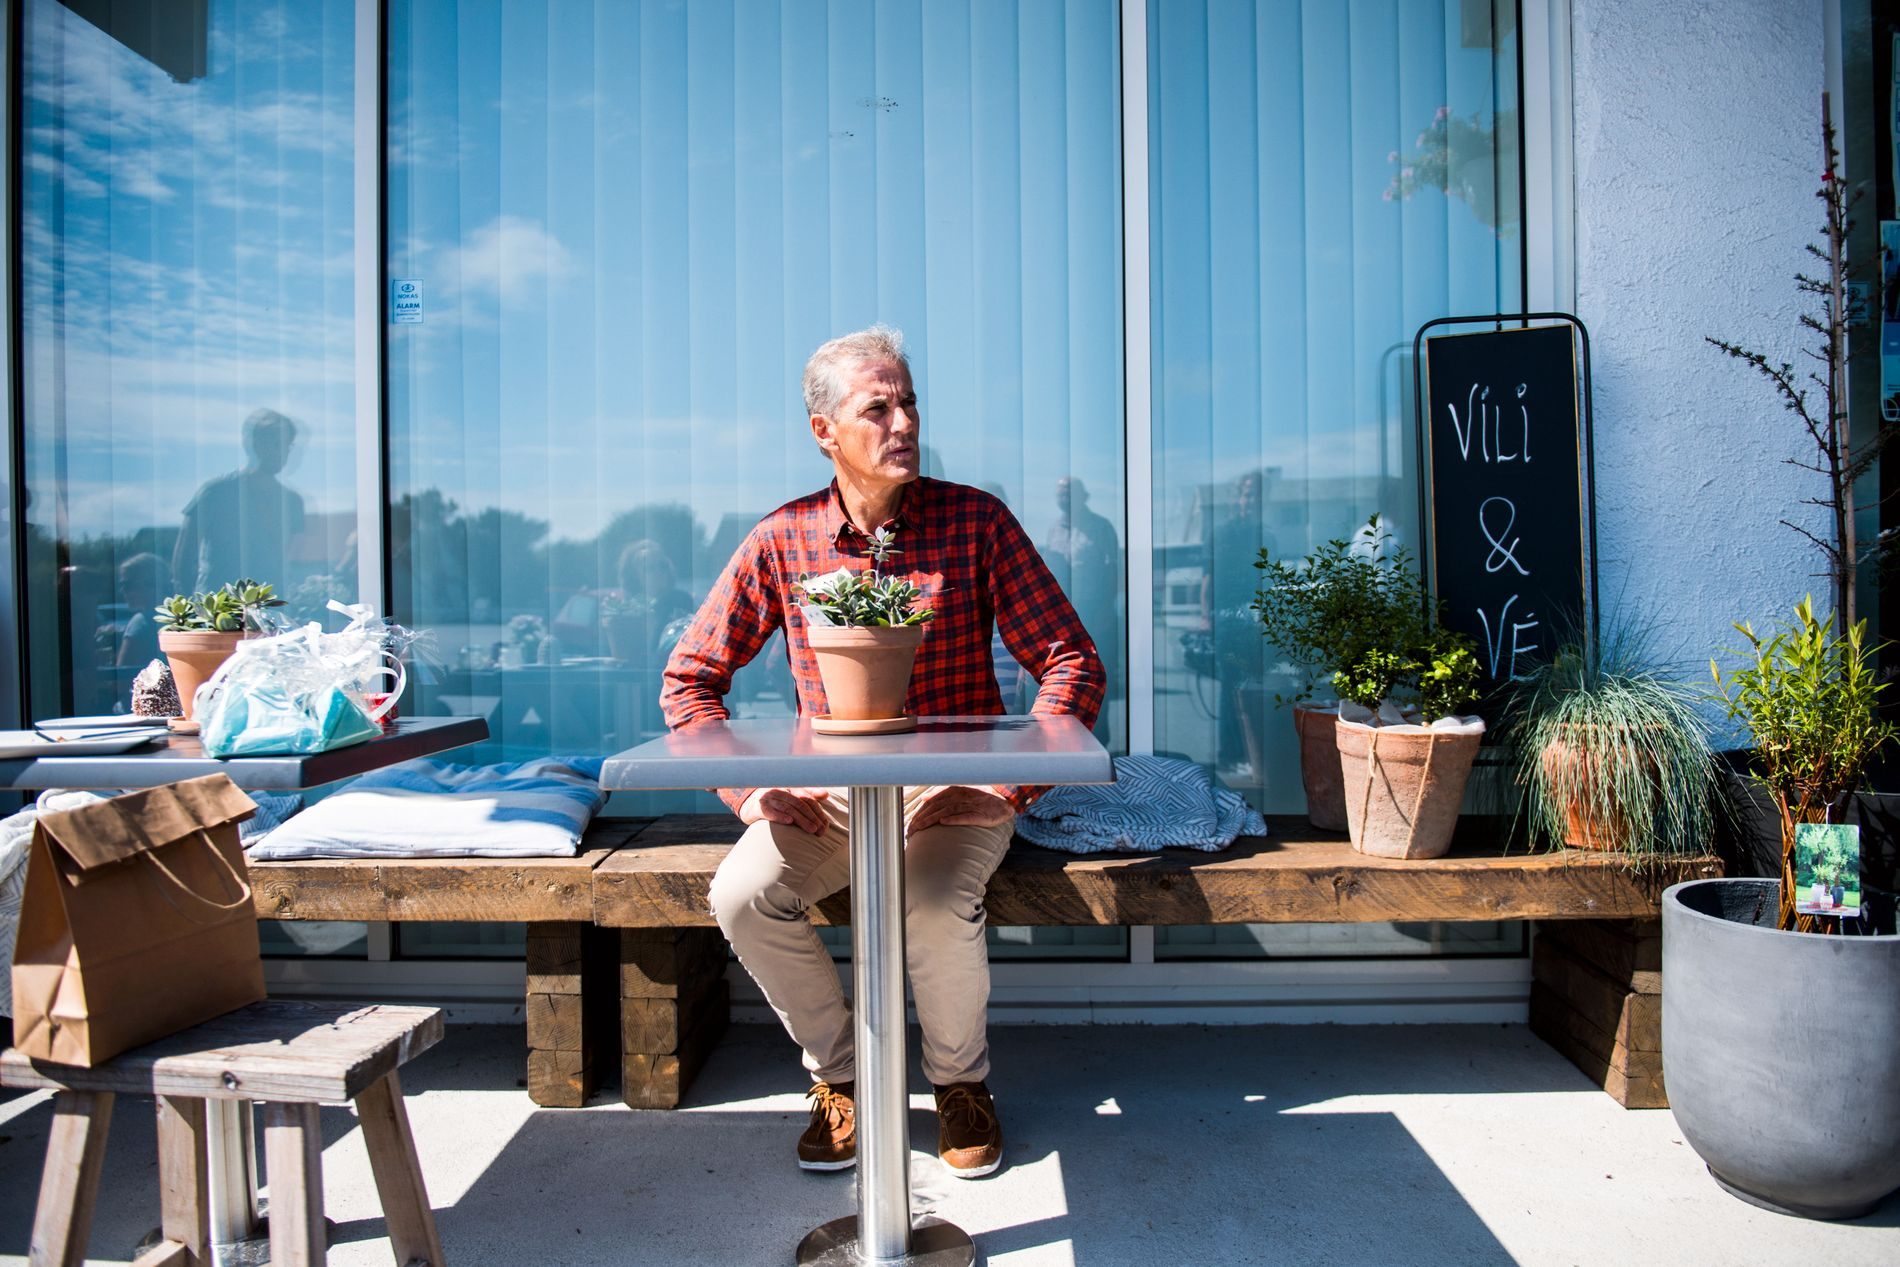 PLASS RUNDT BORDET: Jonas Gahr Støre, her fotografert på en benk utenfor restauranten Vili & Vé i Åkrehamn tirsdag denne uken.